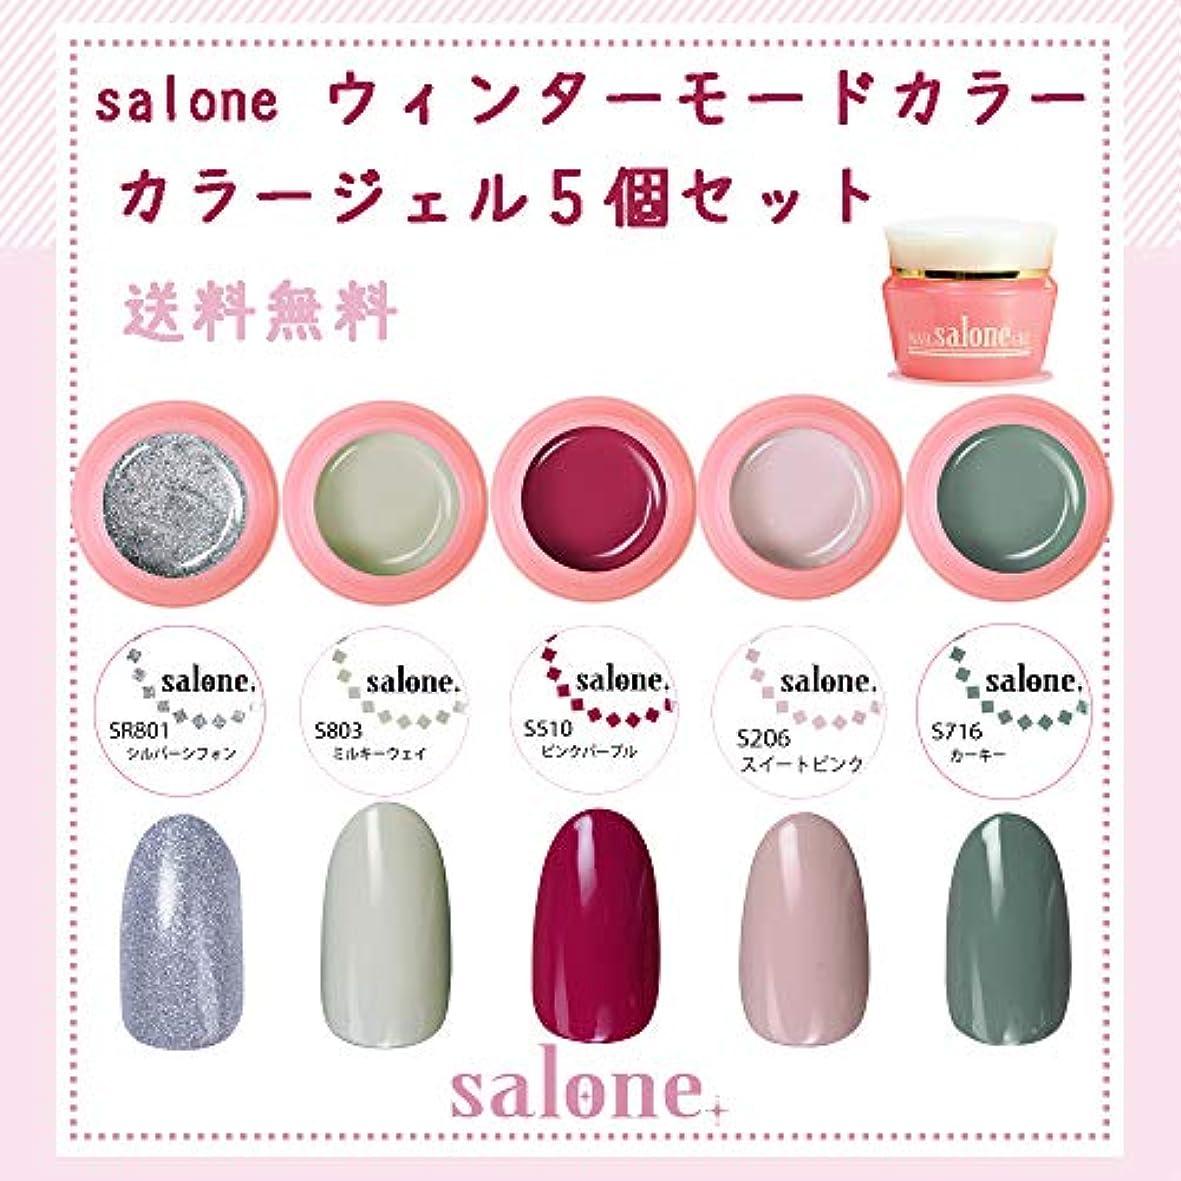 瞑想するお肉気怠い【送料無料 日本製】Salone モード カラージェル5個セット ネイルのマストカラーオシャレなモードカラー